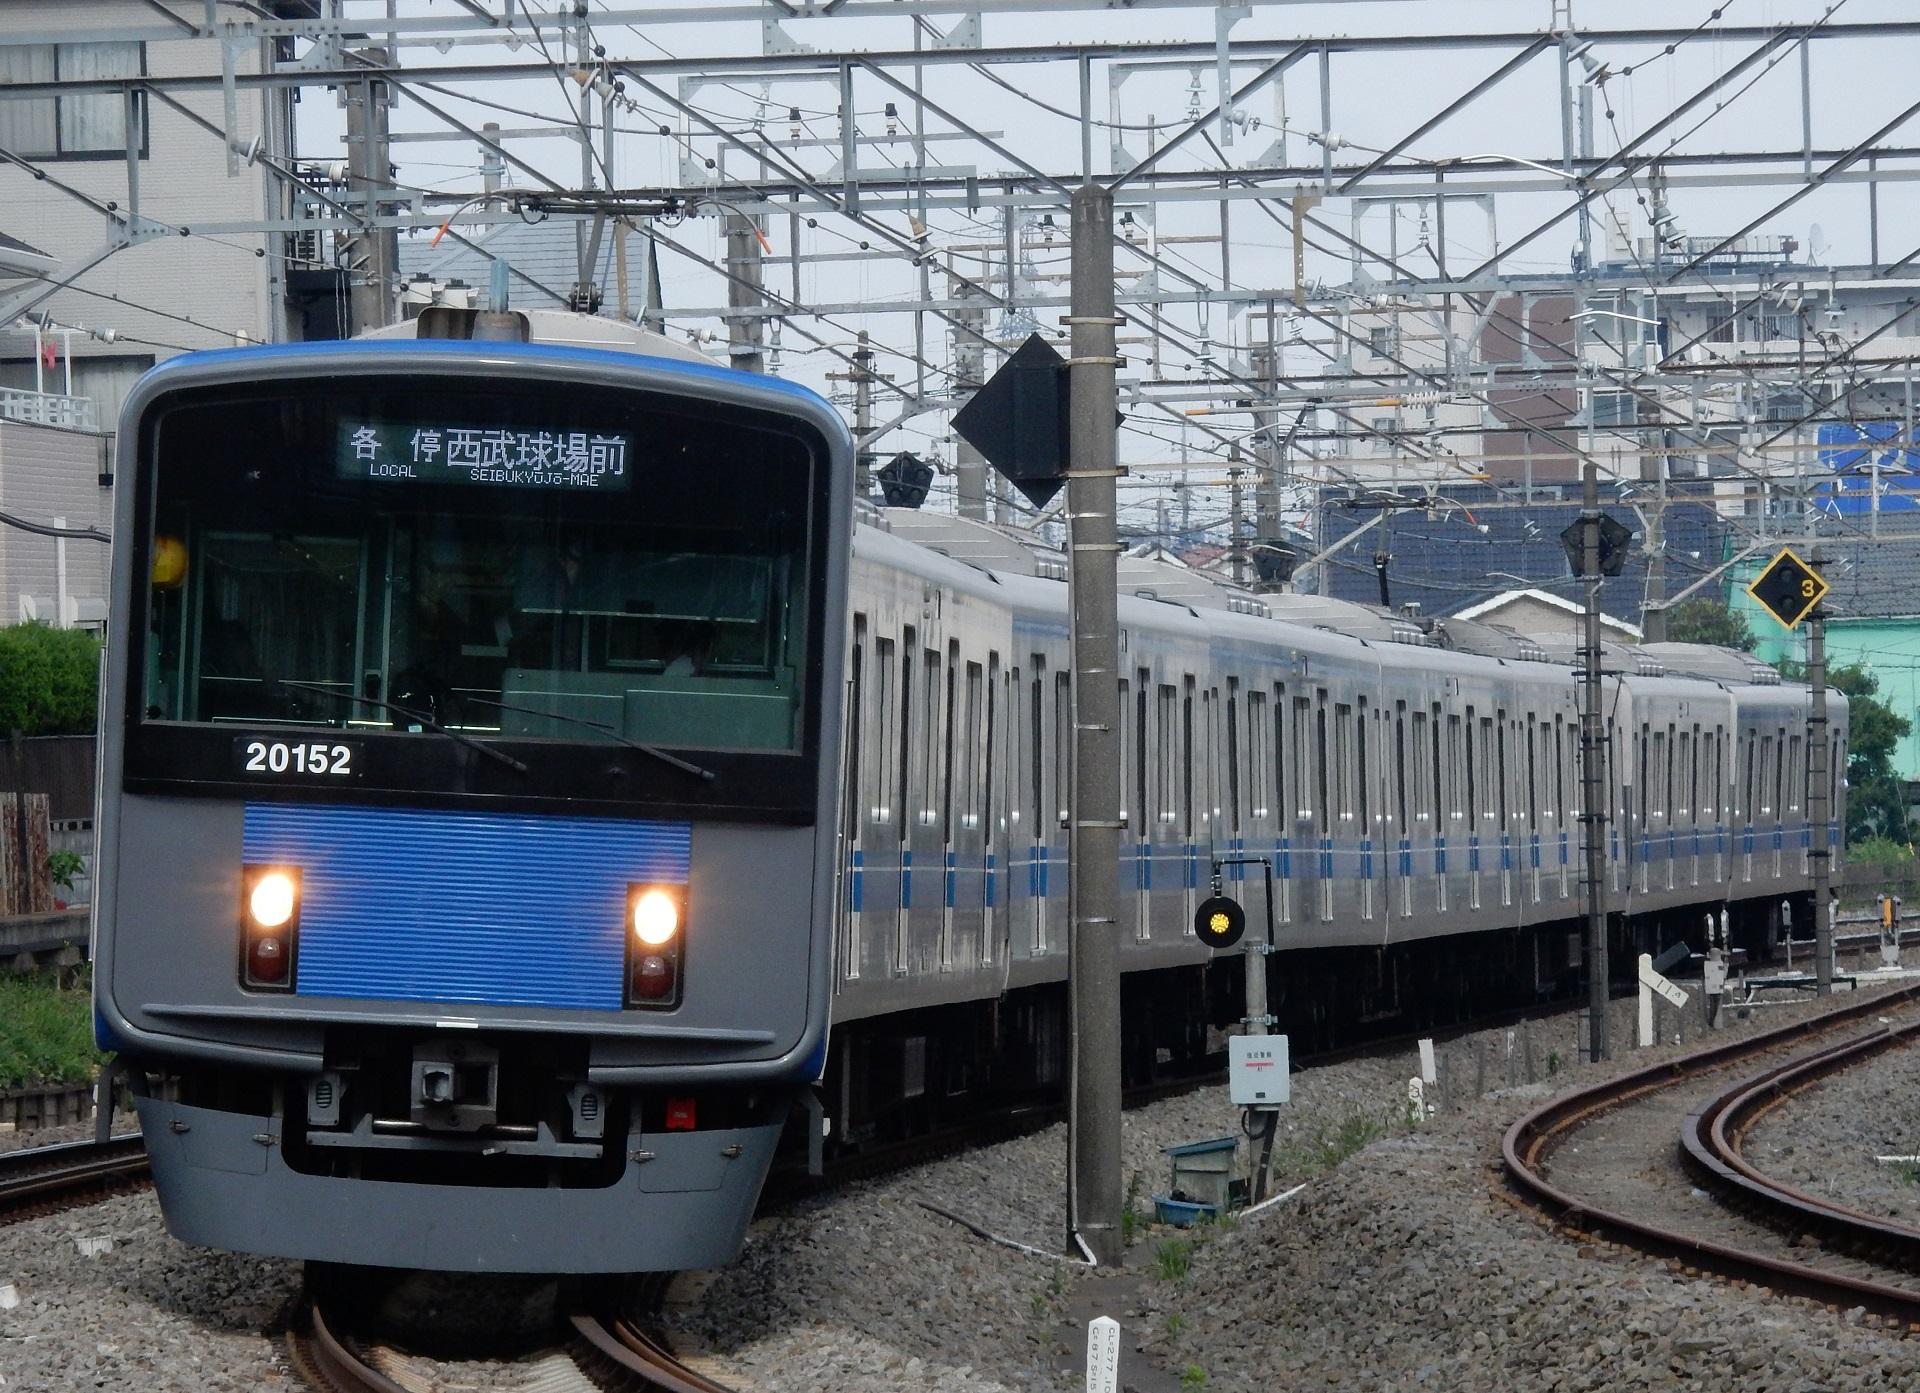 DSCN1650 - コピー